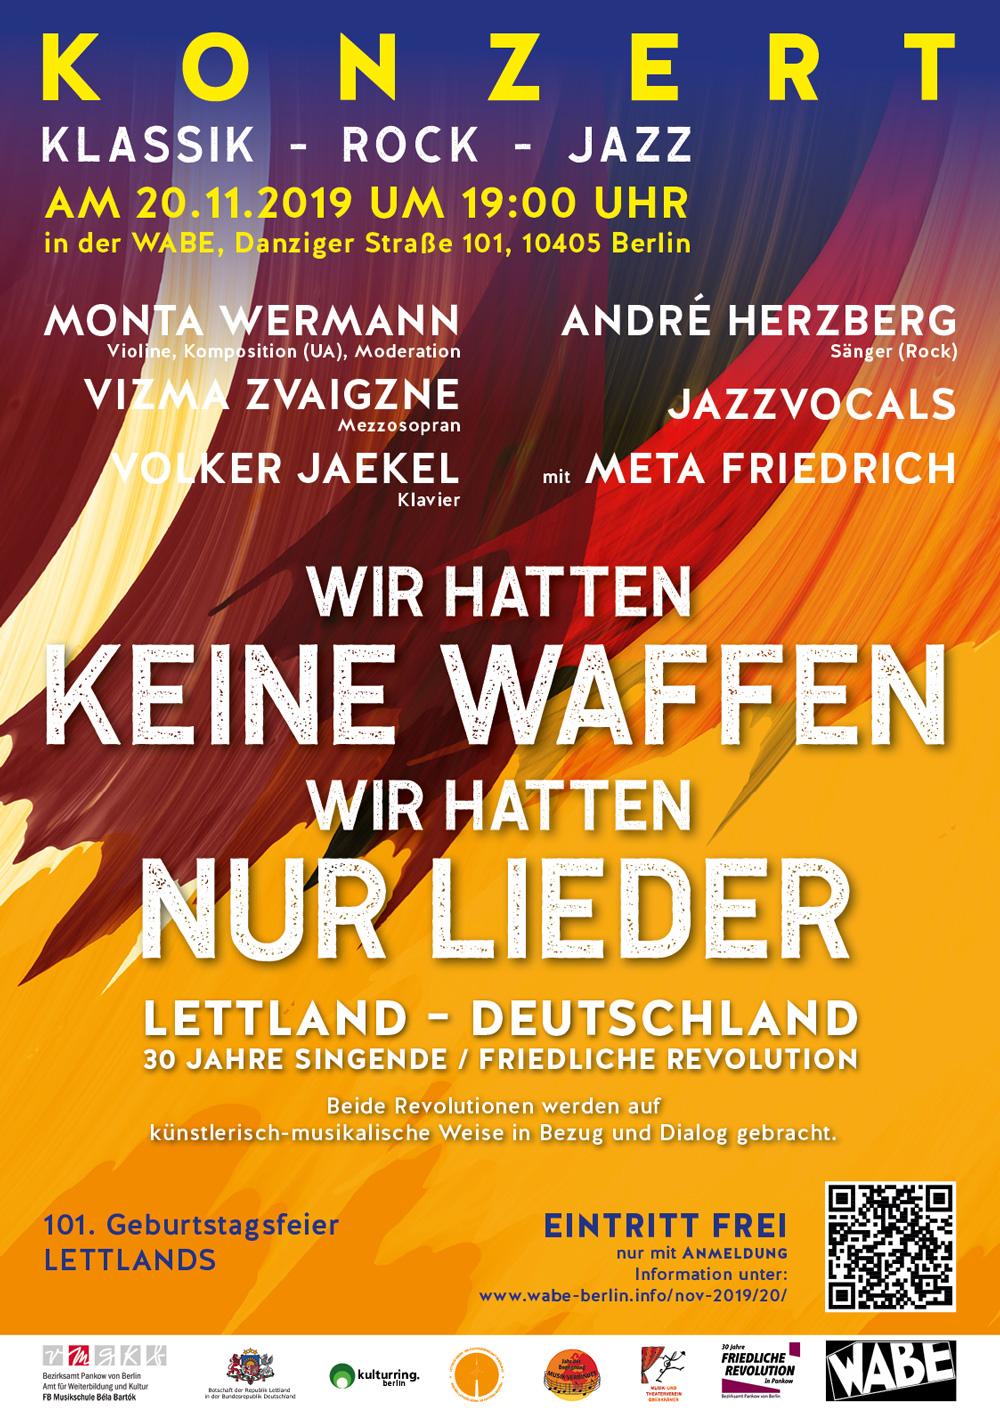 Wir Hatten Keine Waffen, Wir Hatten Nur Lieder / Gada Koncerts Berlīnē !